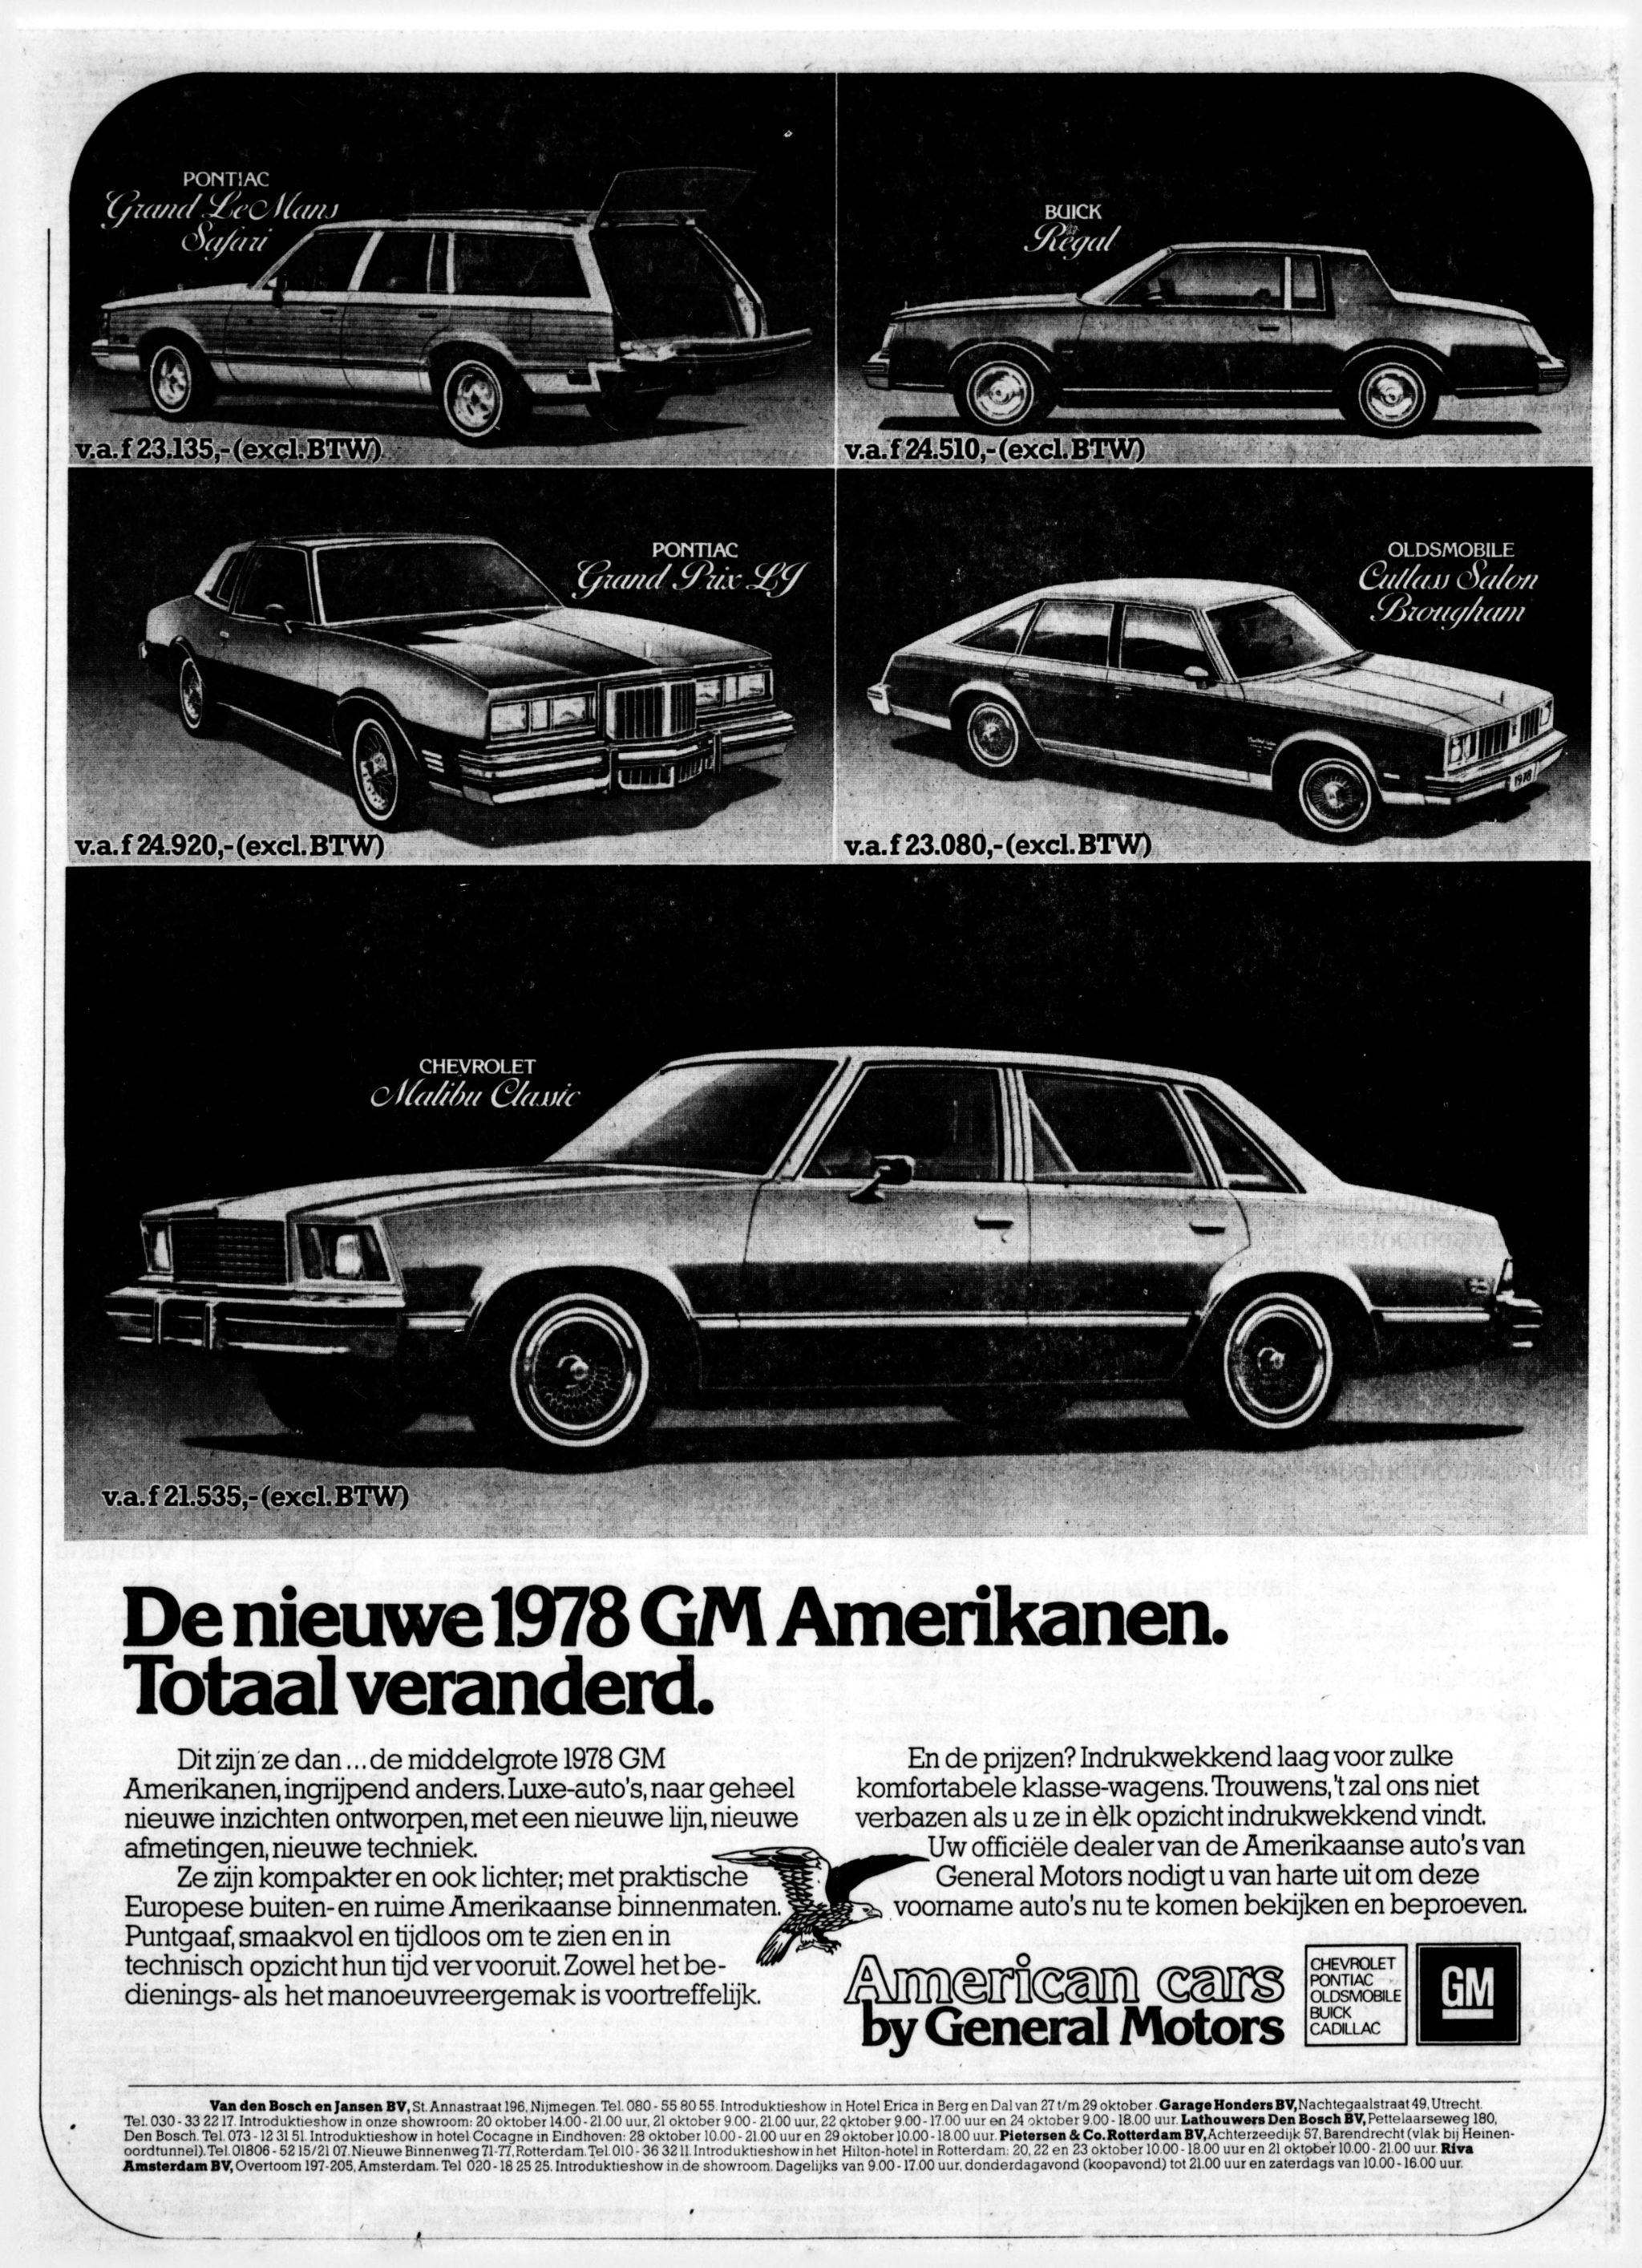 1977 GM a